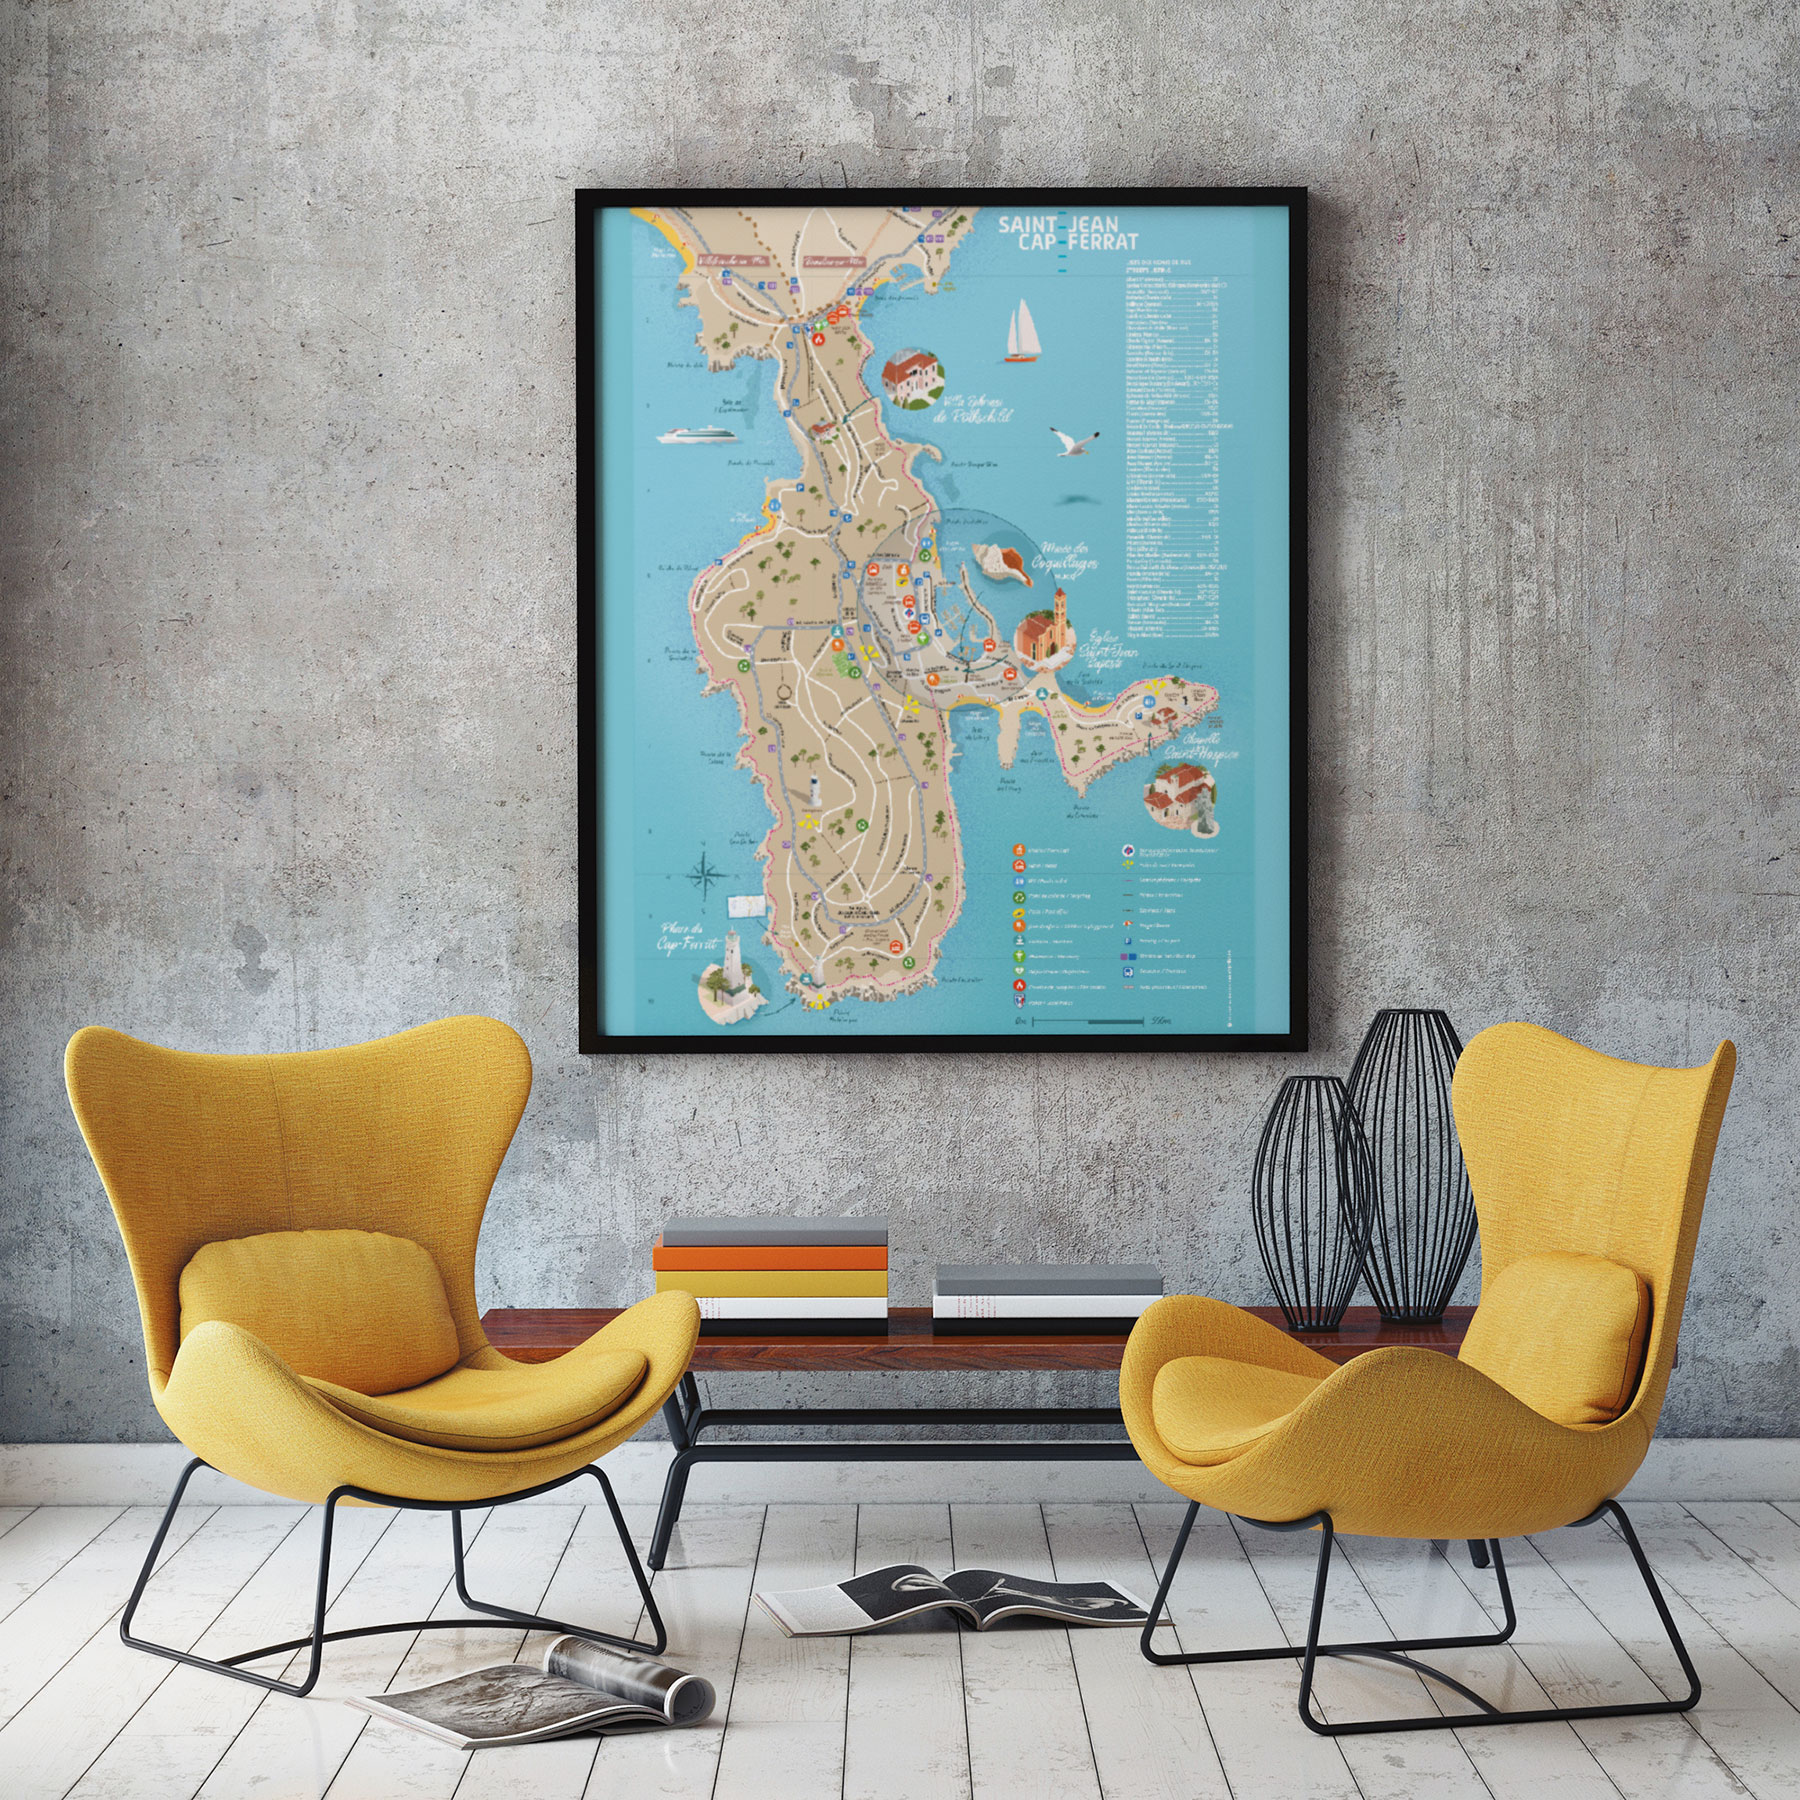 Creer et imprimer un plan de ville-Saint-Jean-Cap-FerratCoqueliko-Communication Lannion